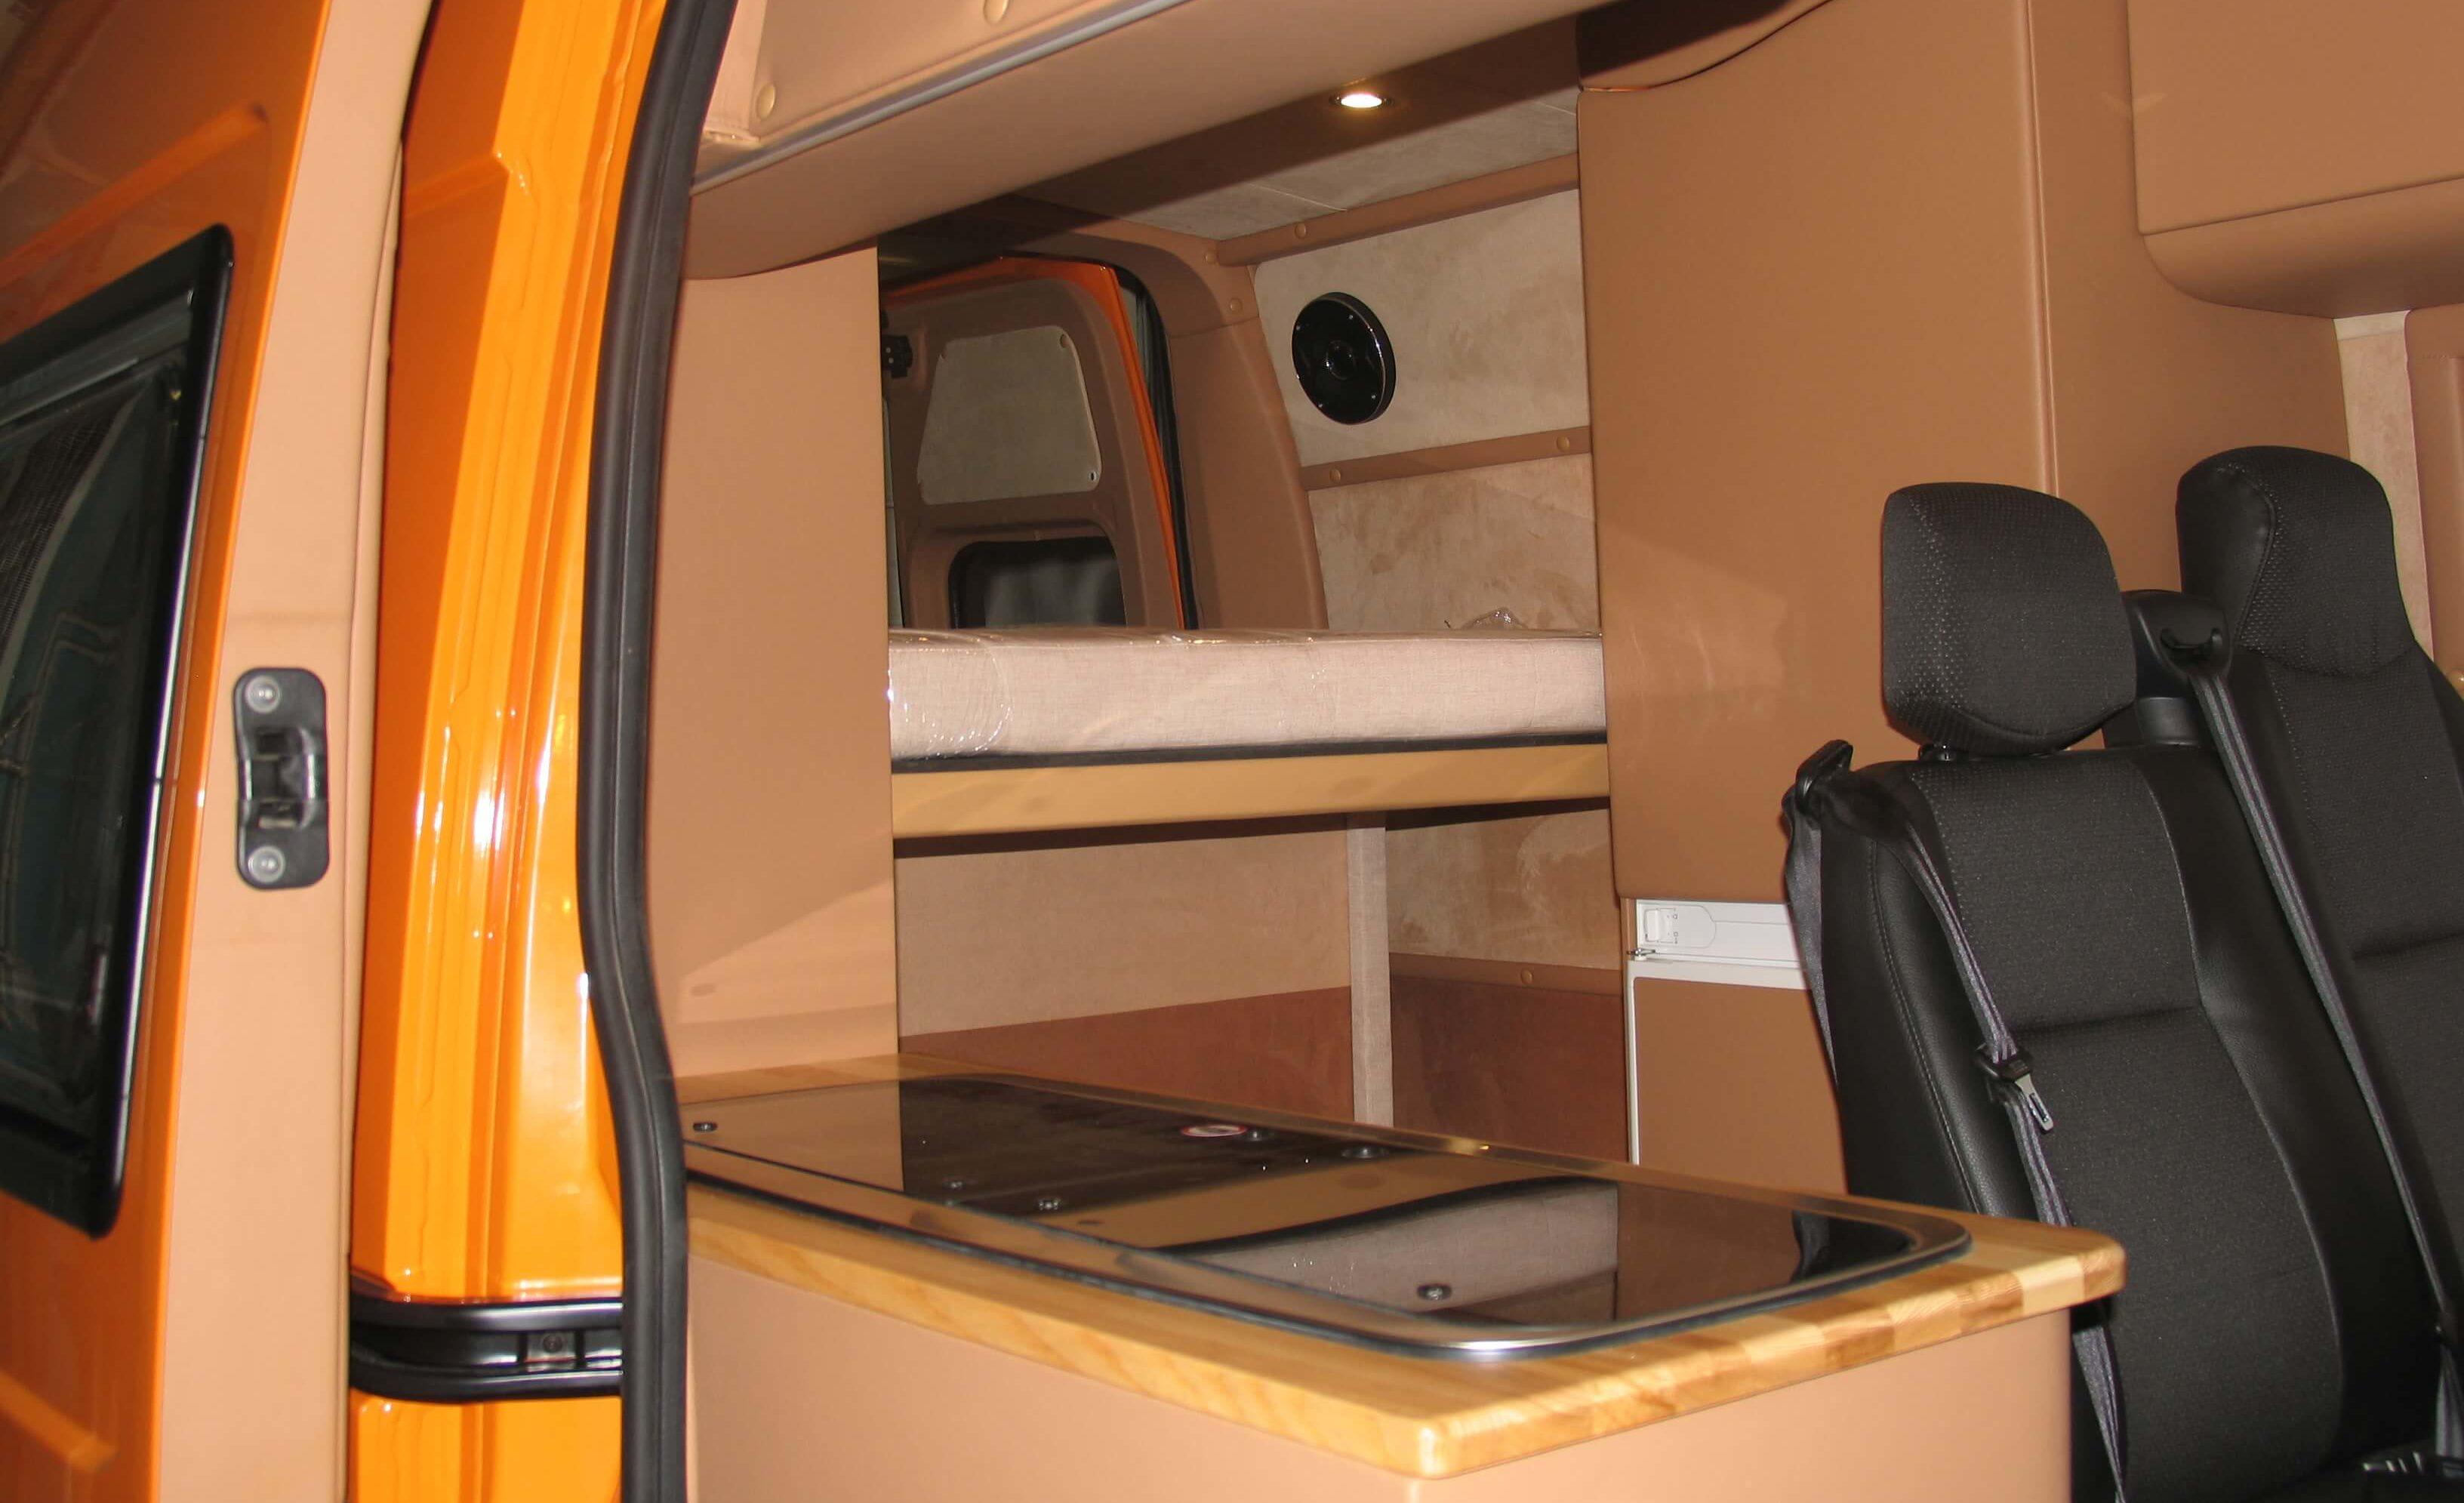 Переоборудование микроавтобусов и грузовых фургонов